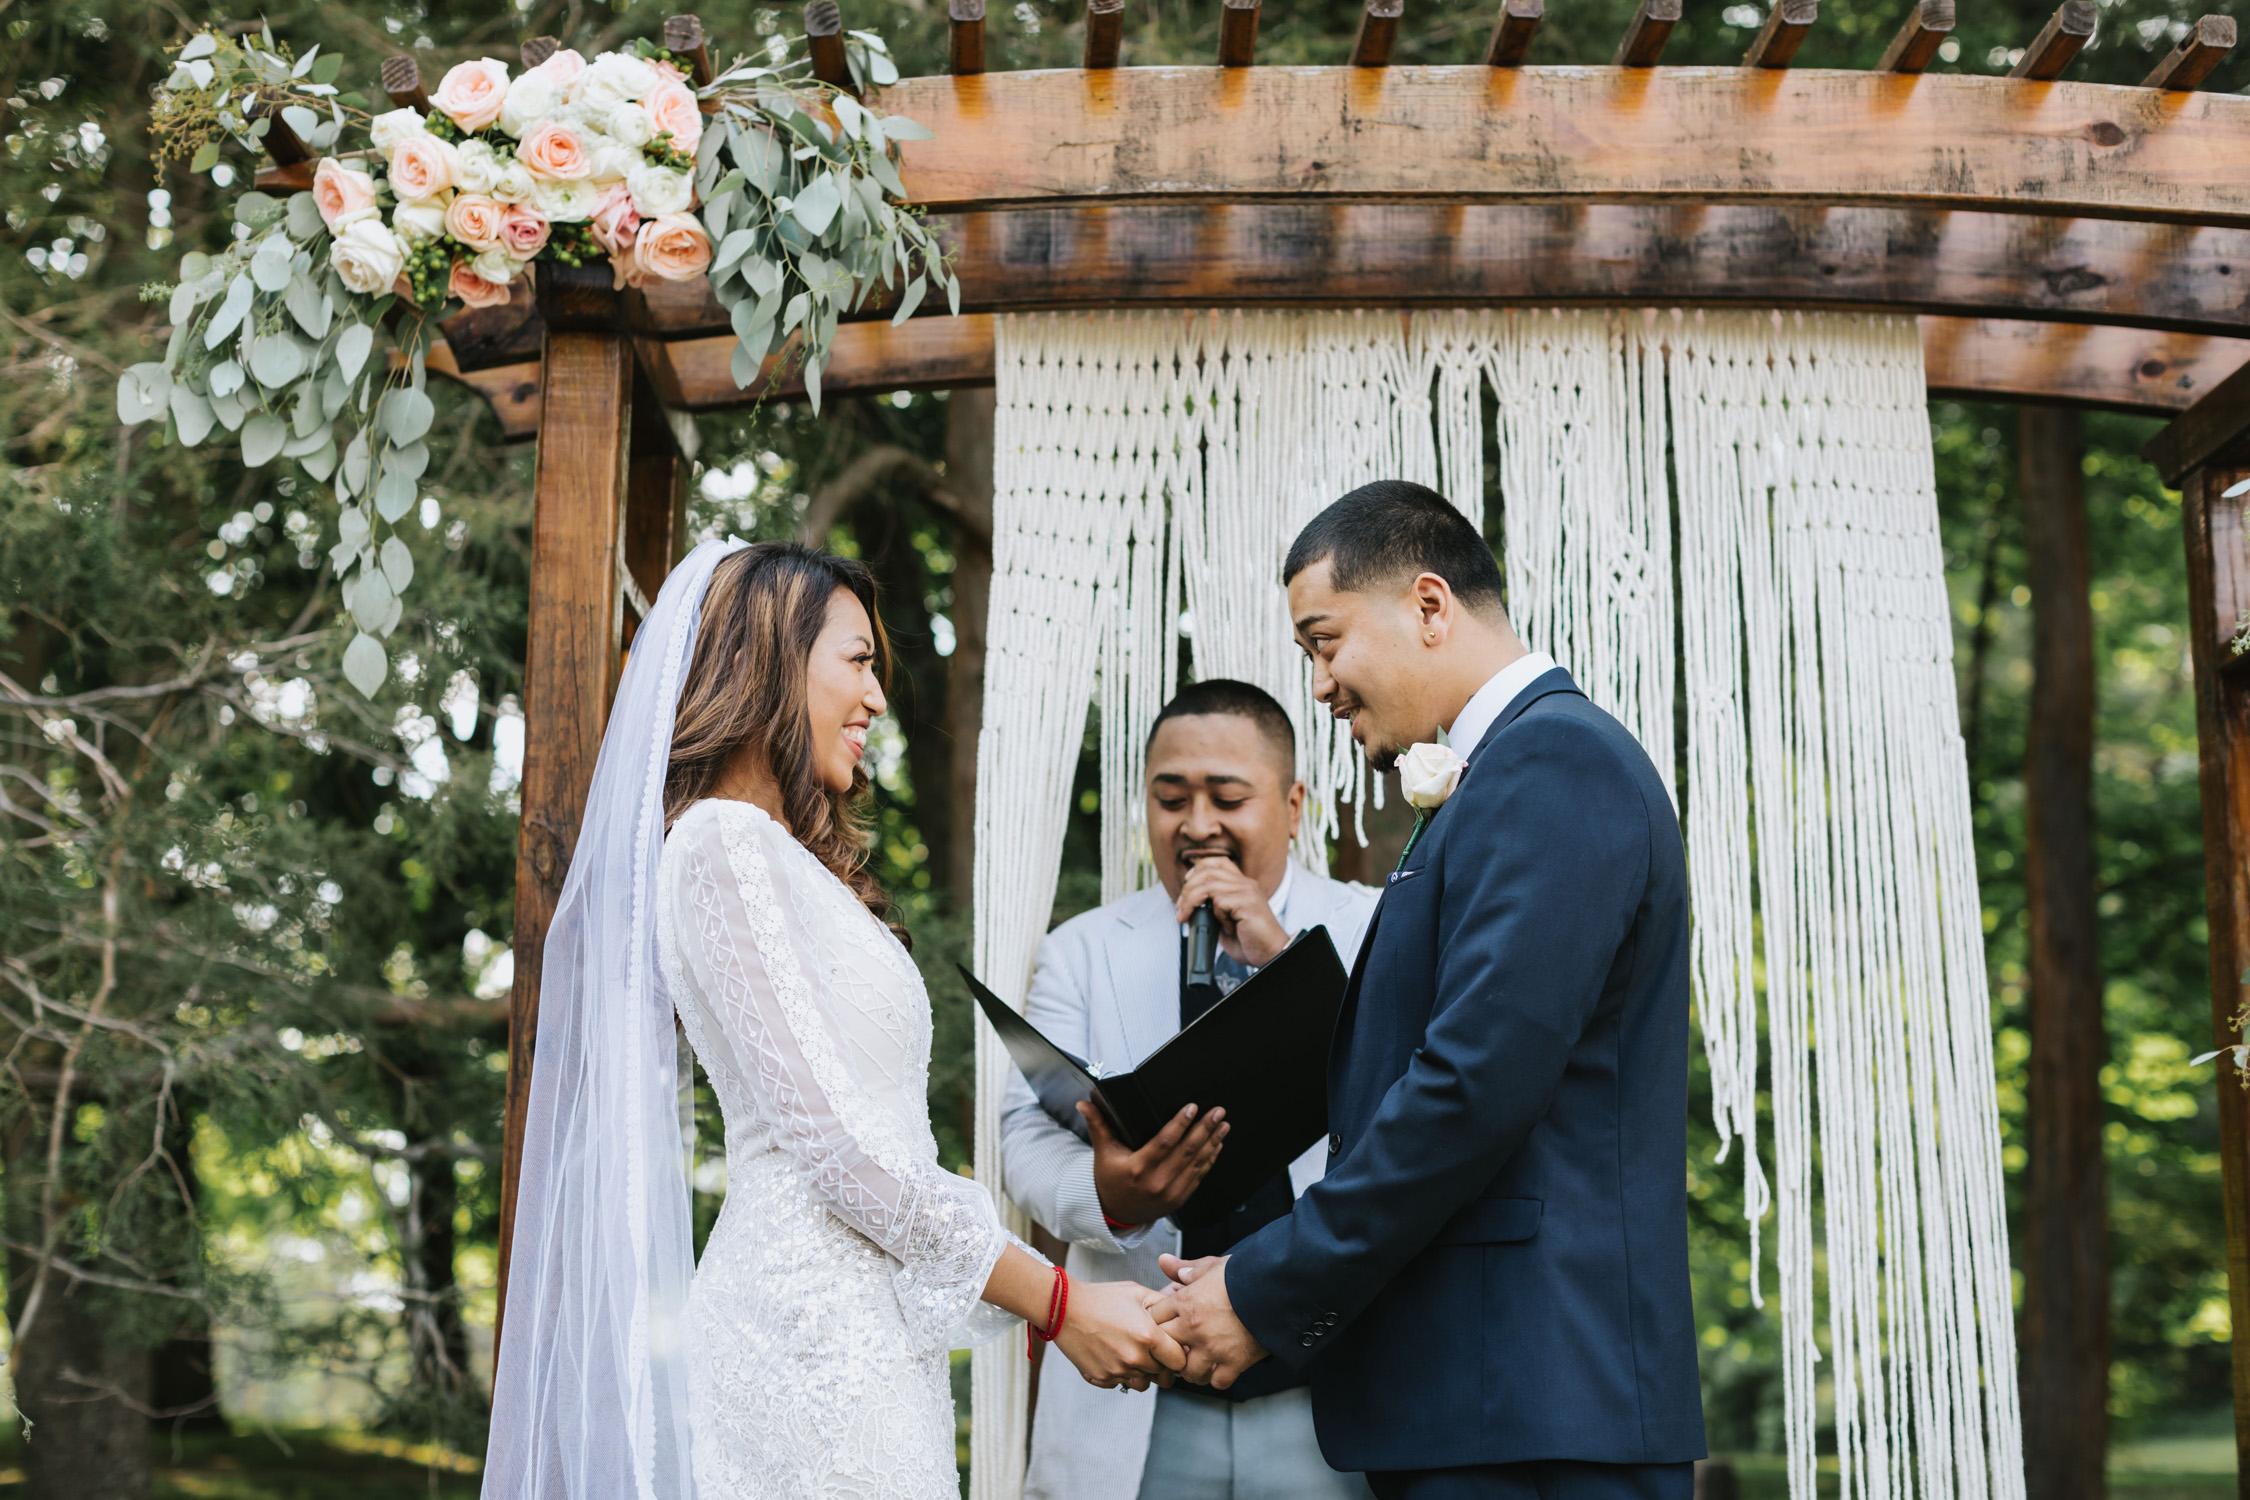 Stevens__Estate_Cambodian_Wedding_Photographer-37.jpg